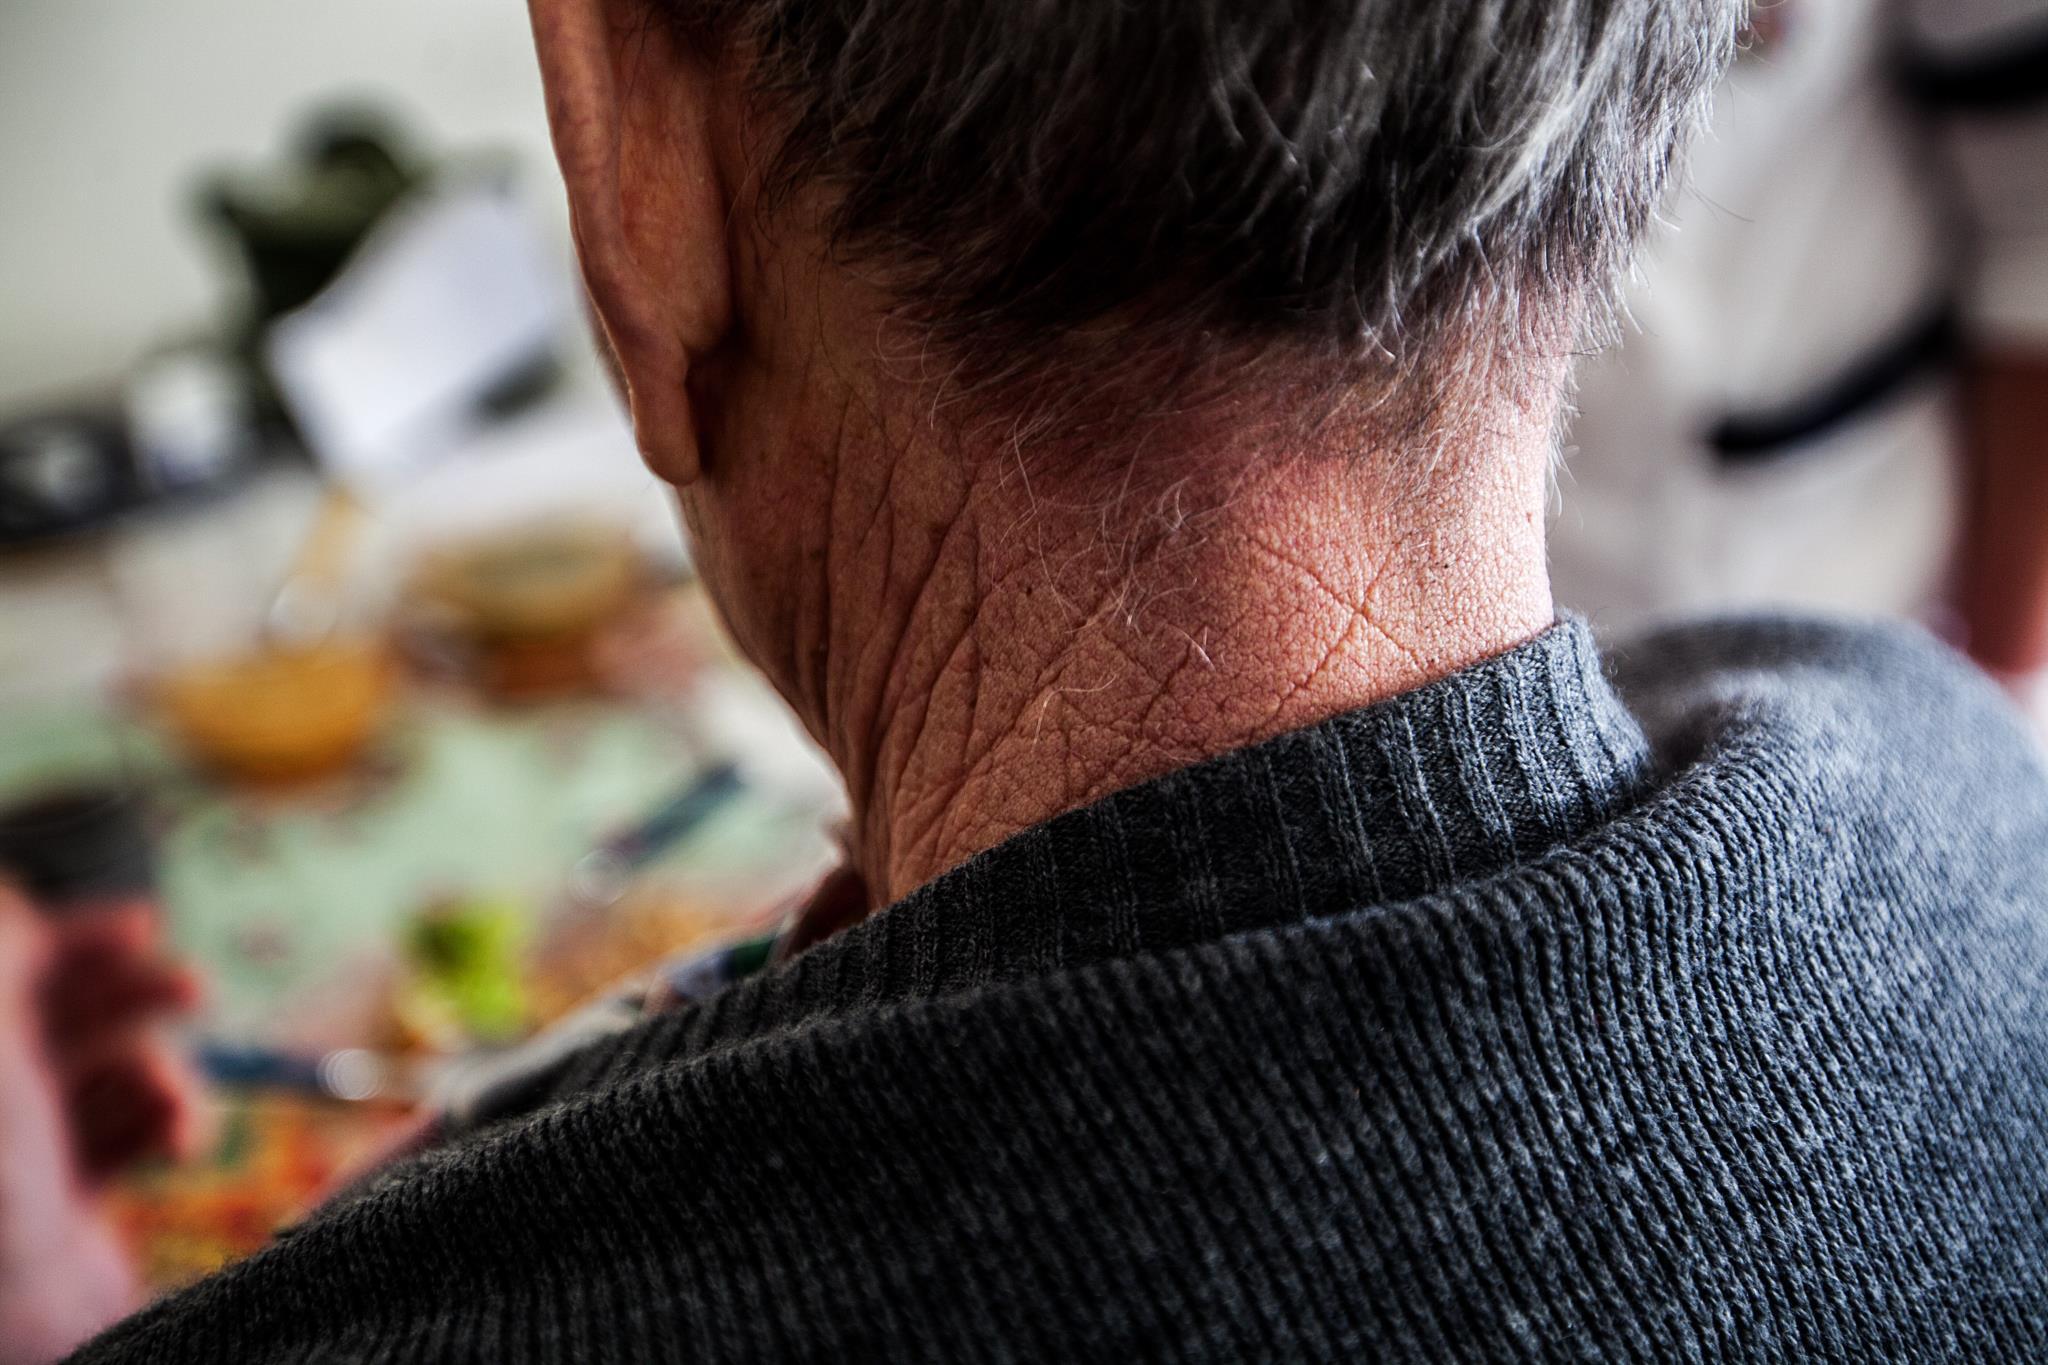 PÚBLICO - Licenciava lares de idosos a troco de cinco mil euros, suspeita PJ